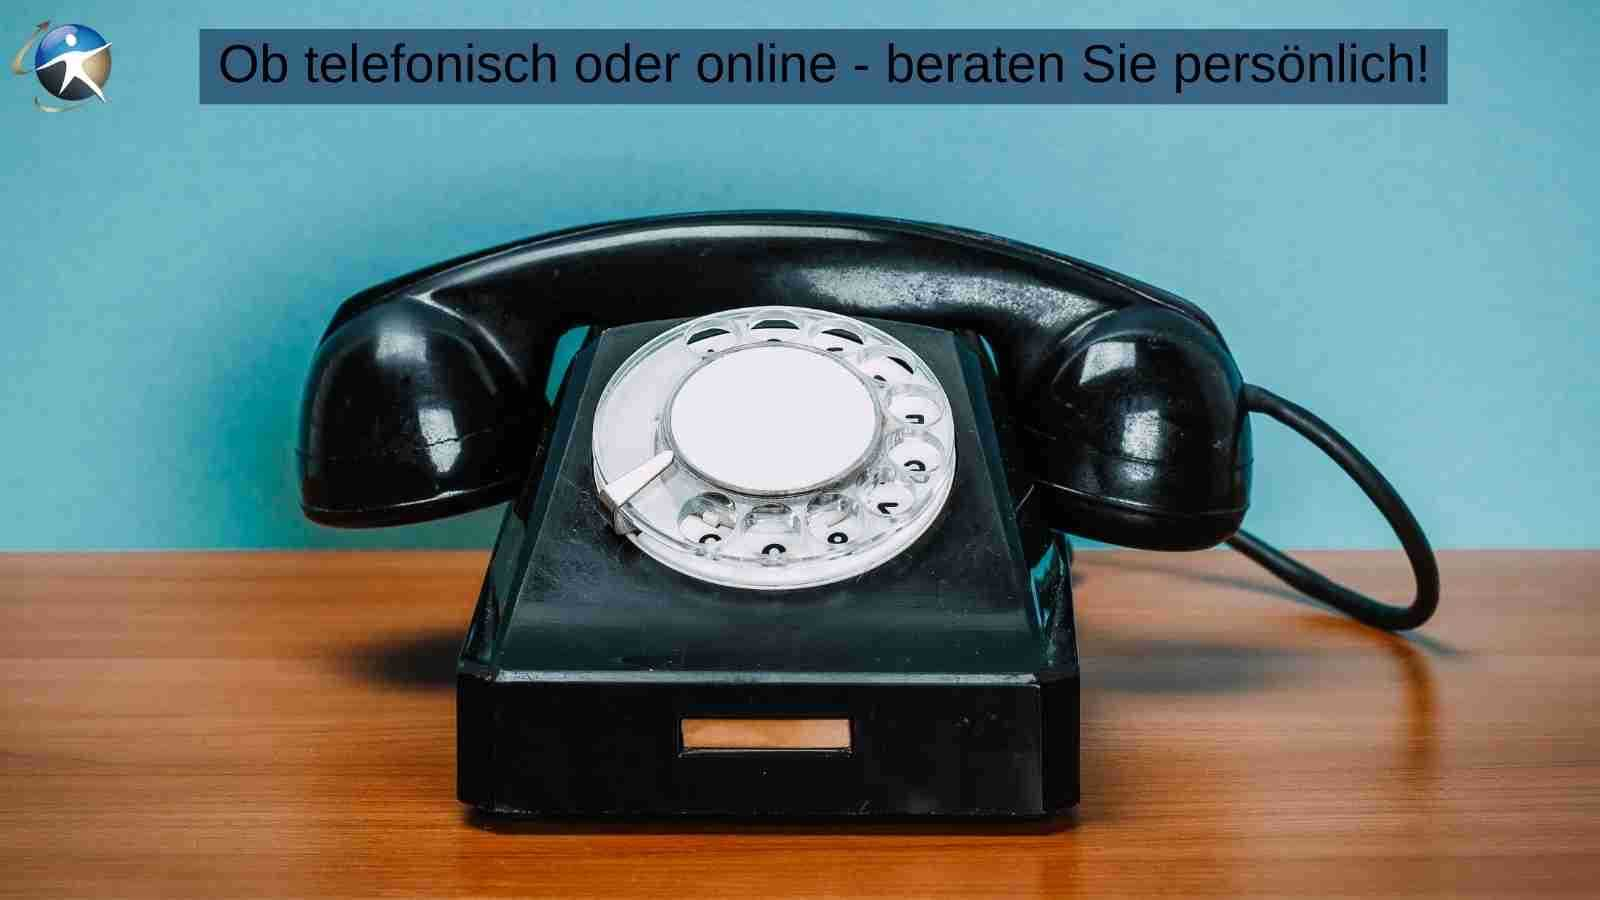 Ob Online-Beratung oder Telefongespräch - gestalten Sie es persönlich